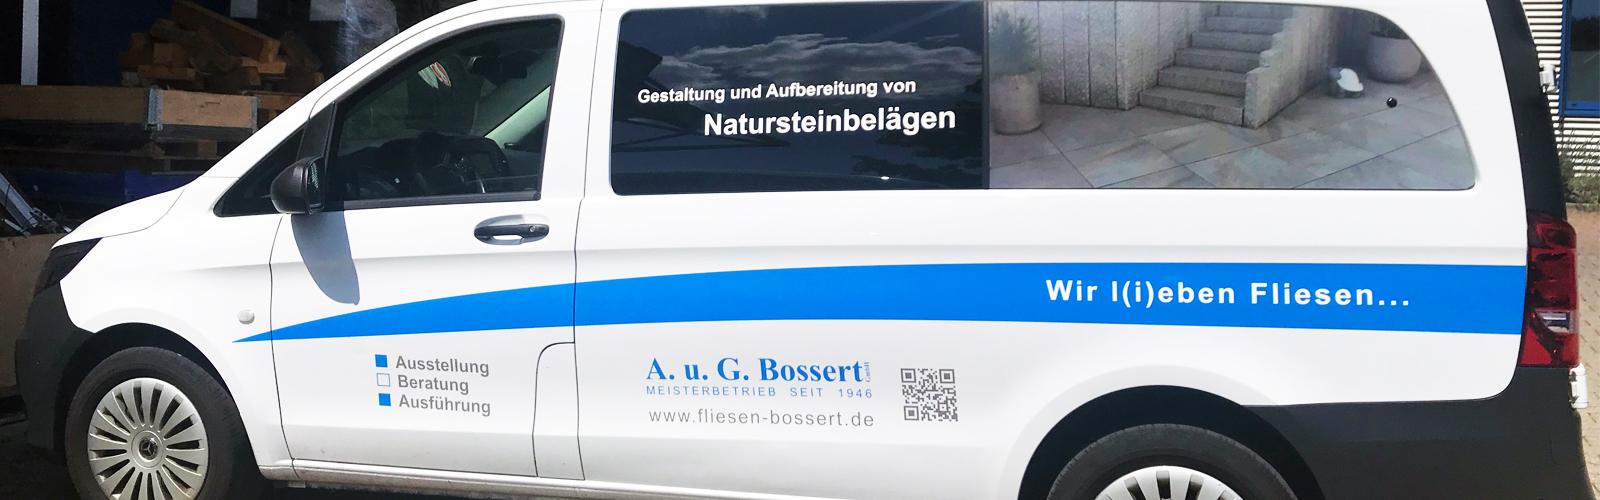 A. u. G. Bossert-Pforzheim-Fliesen-Furhpark